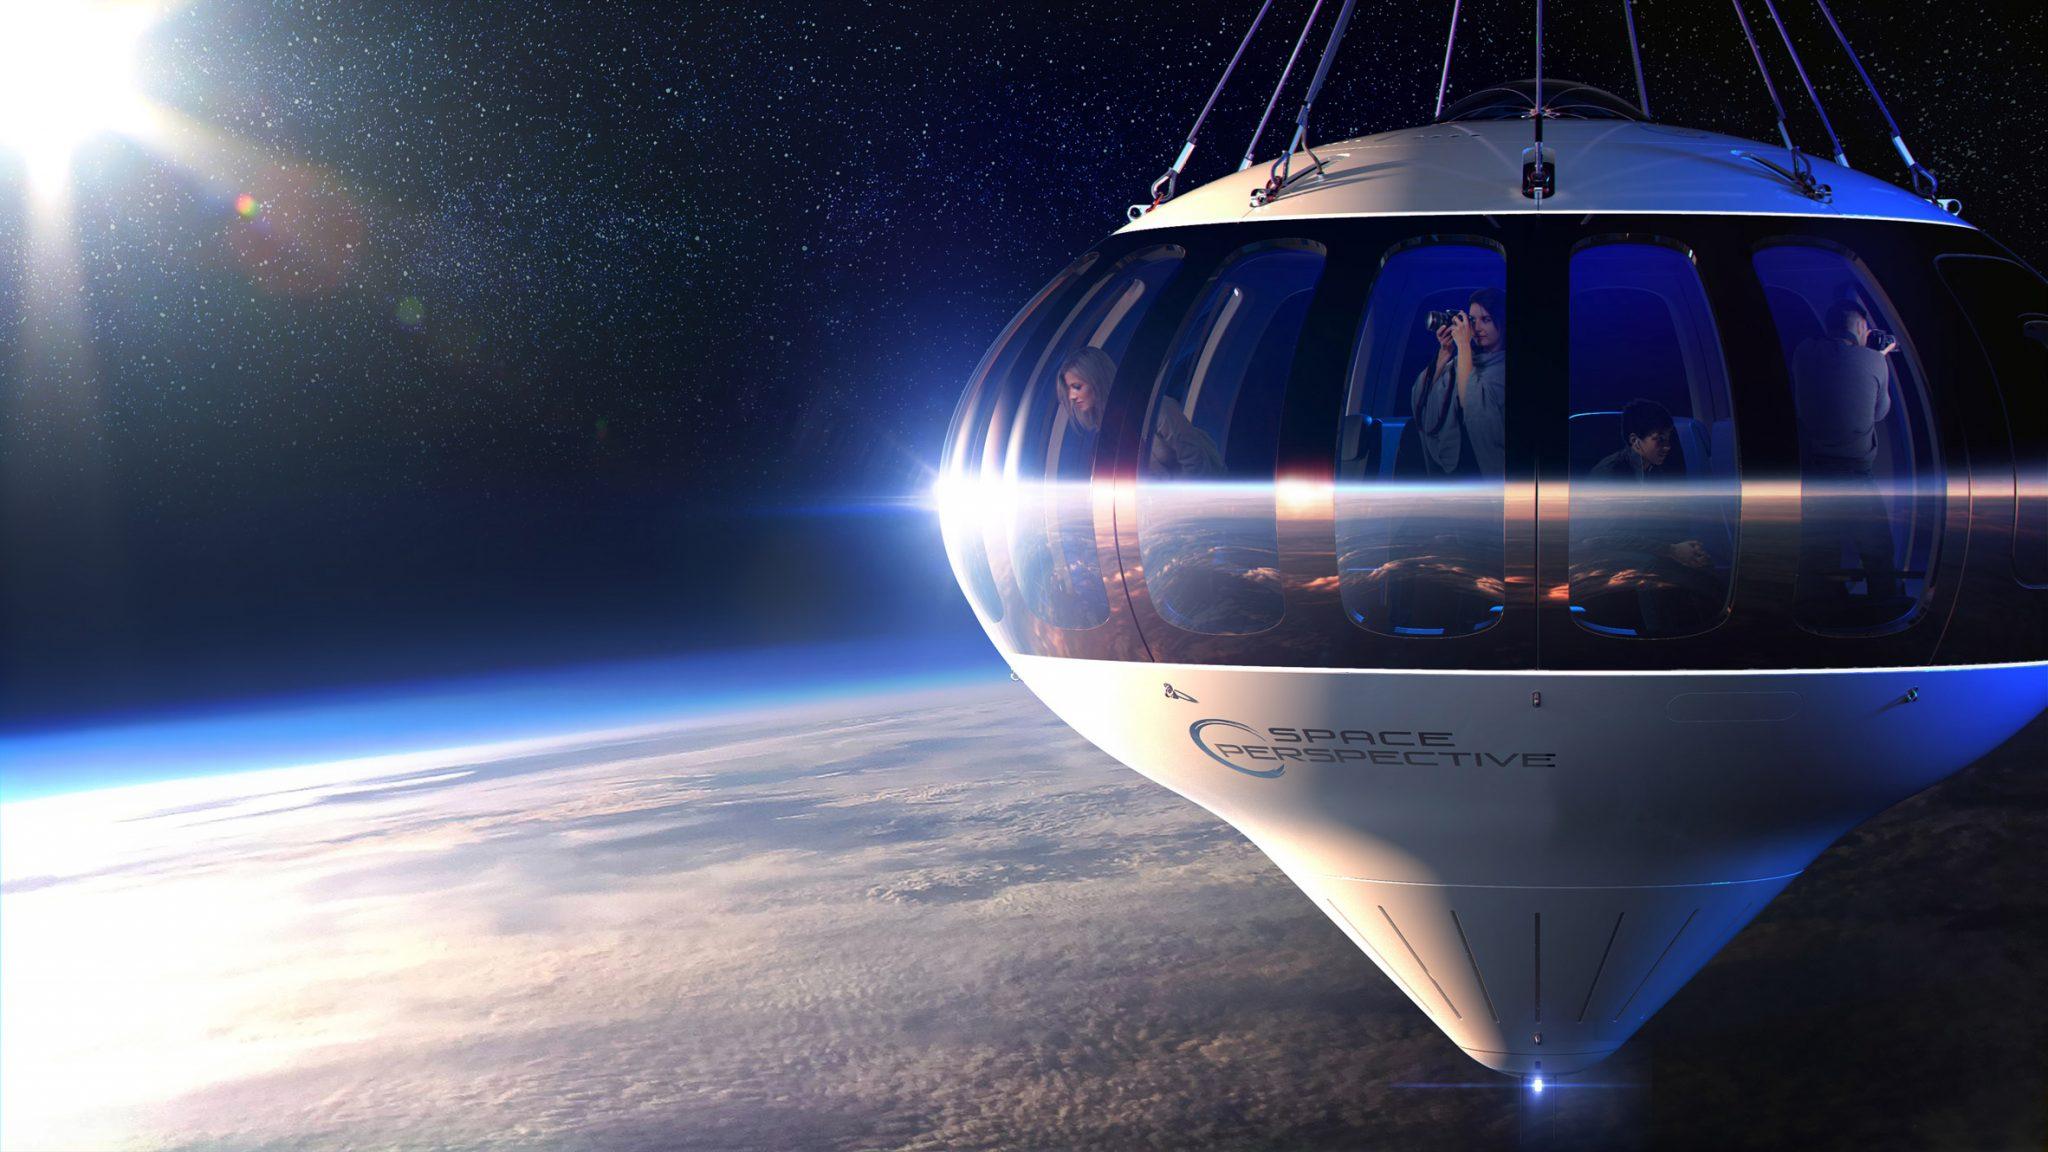 프리스트만구드, 성층권 유람하는 풍선비행선 디자인